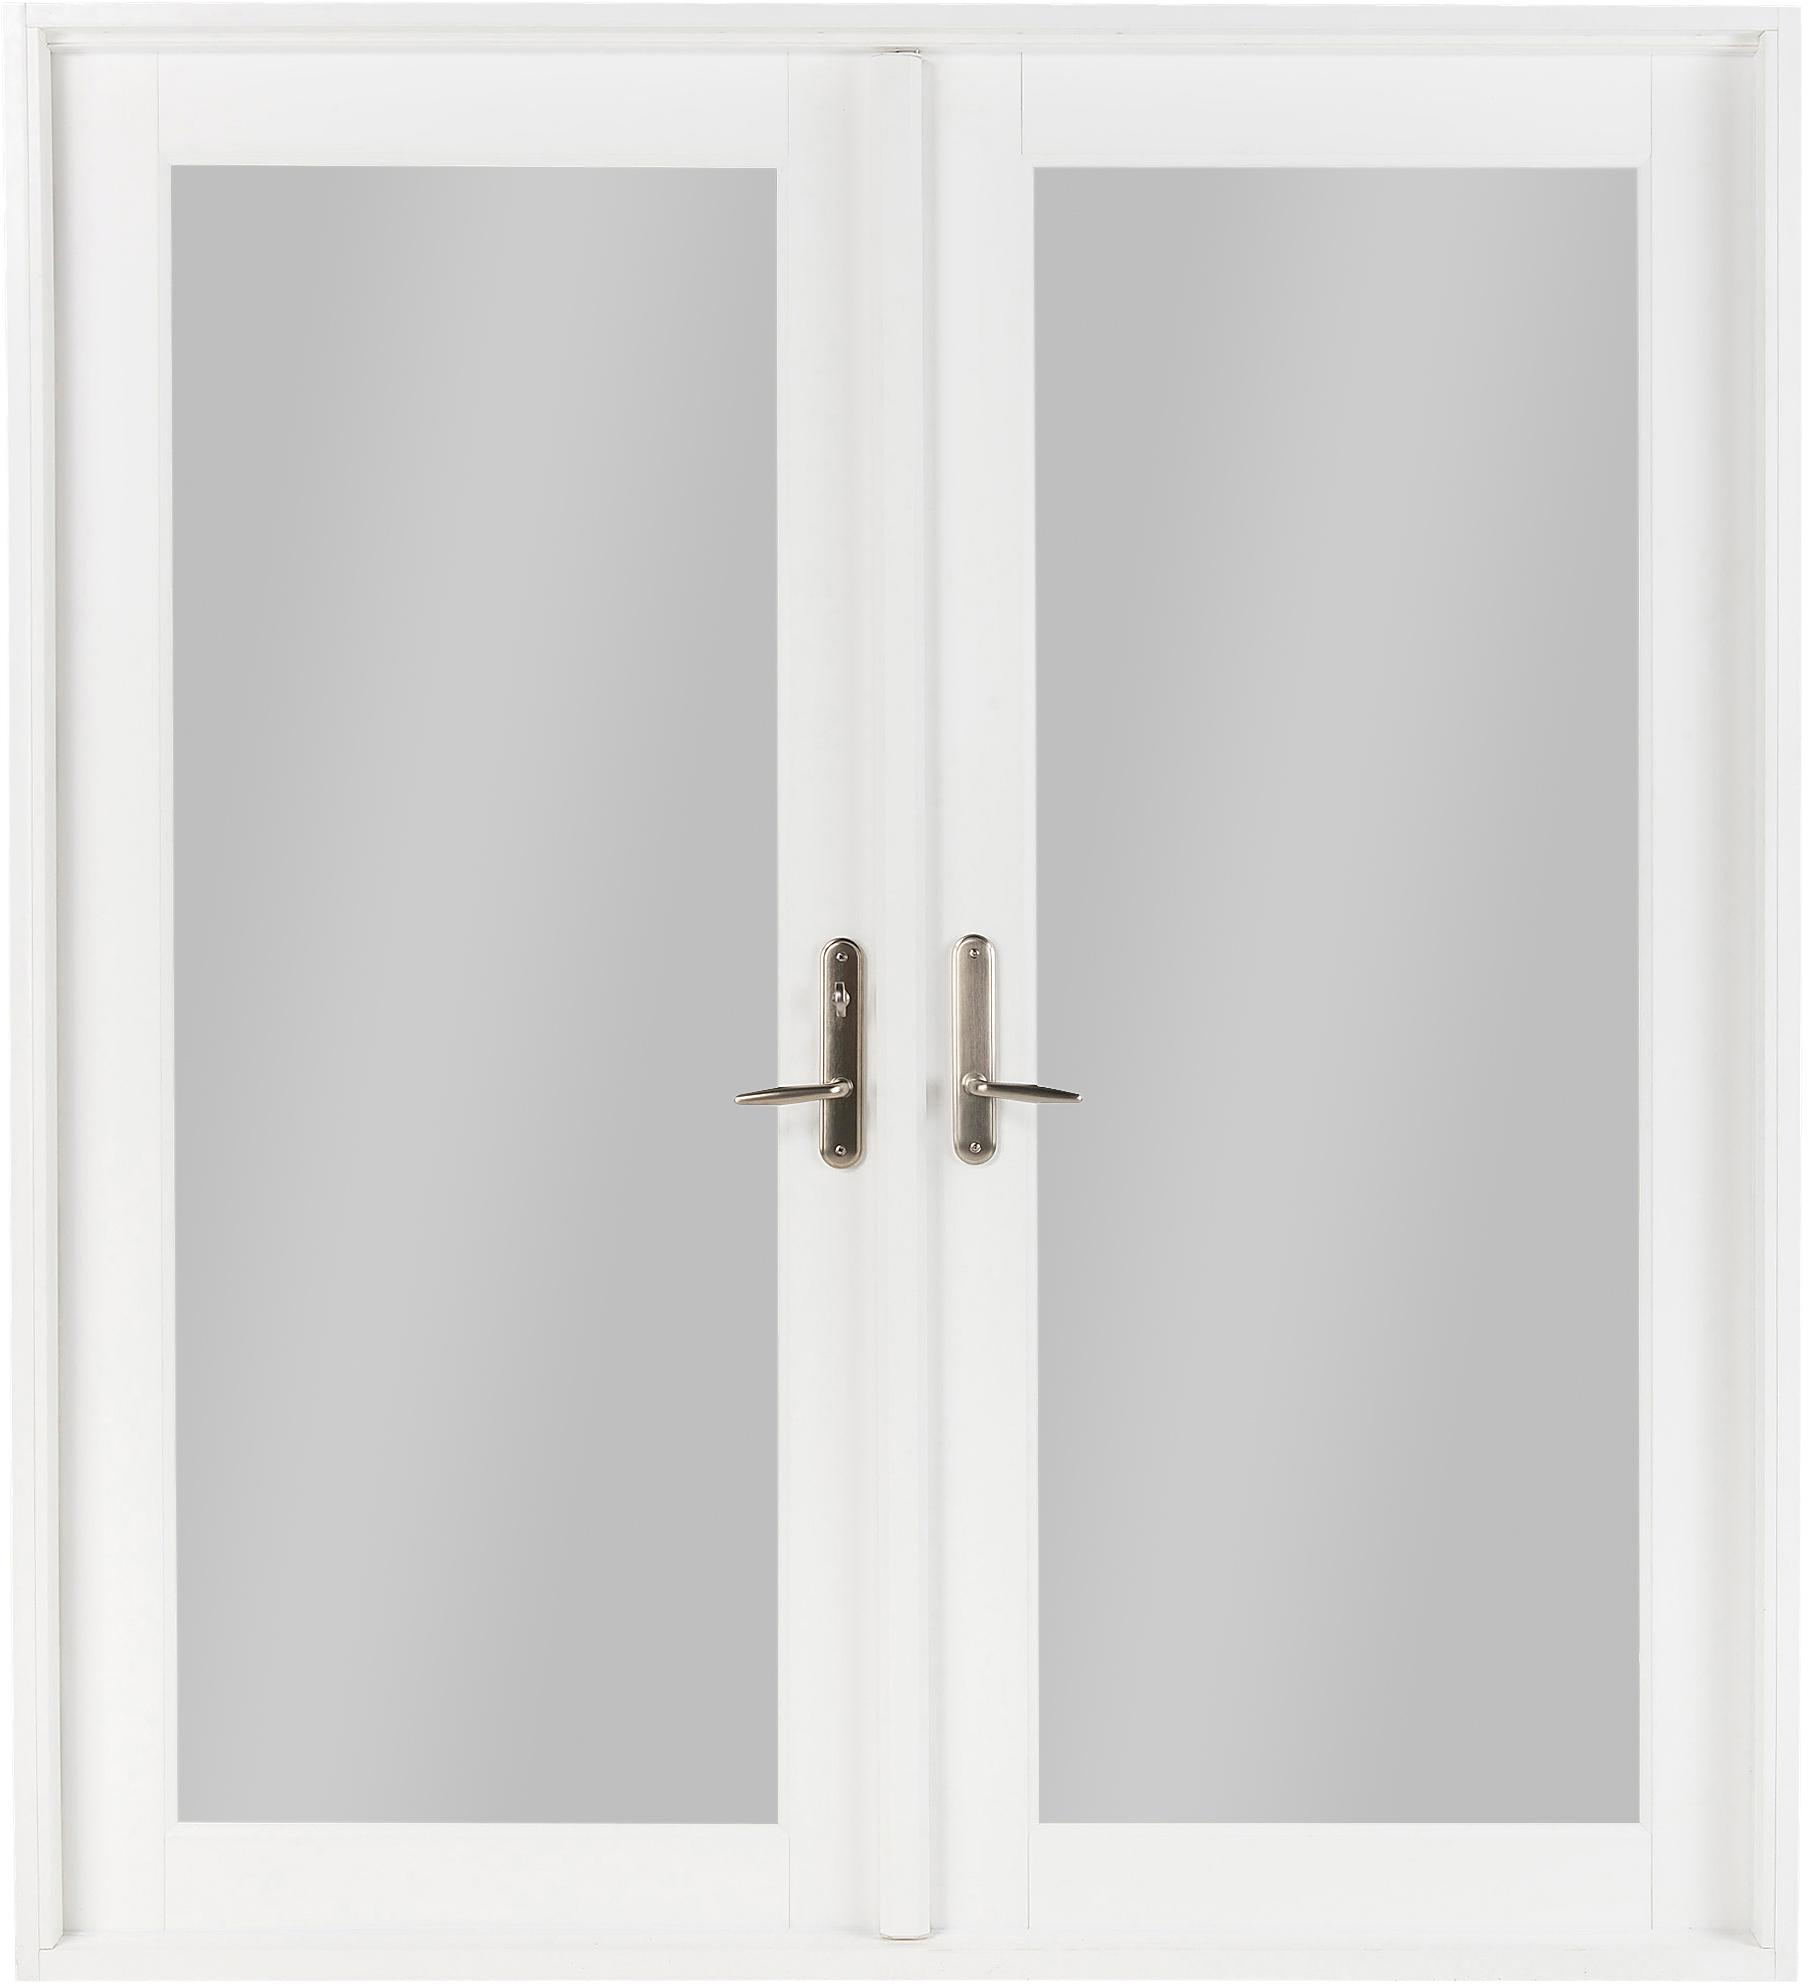 Preferred french door fd5455 energyvue french door for Preferred windows and doors